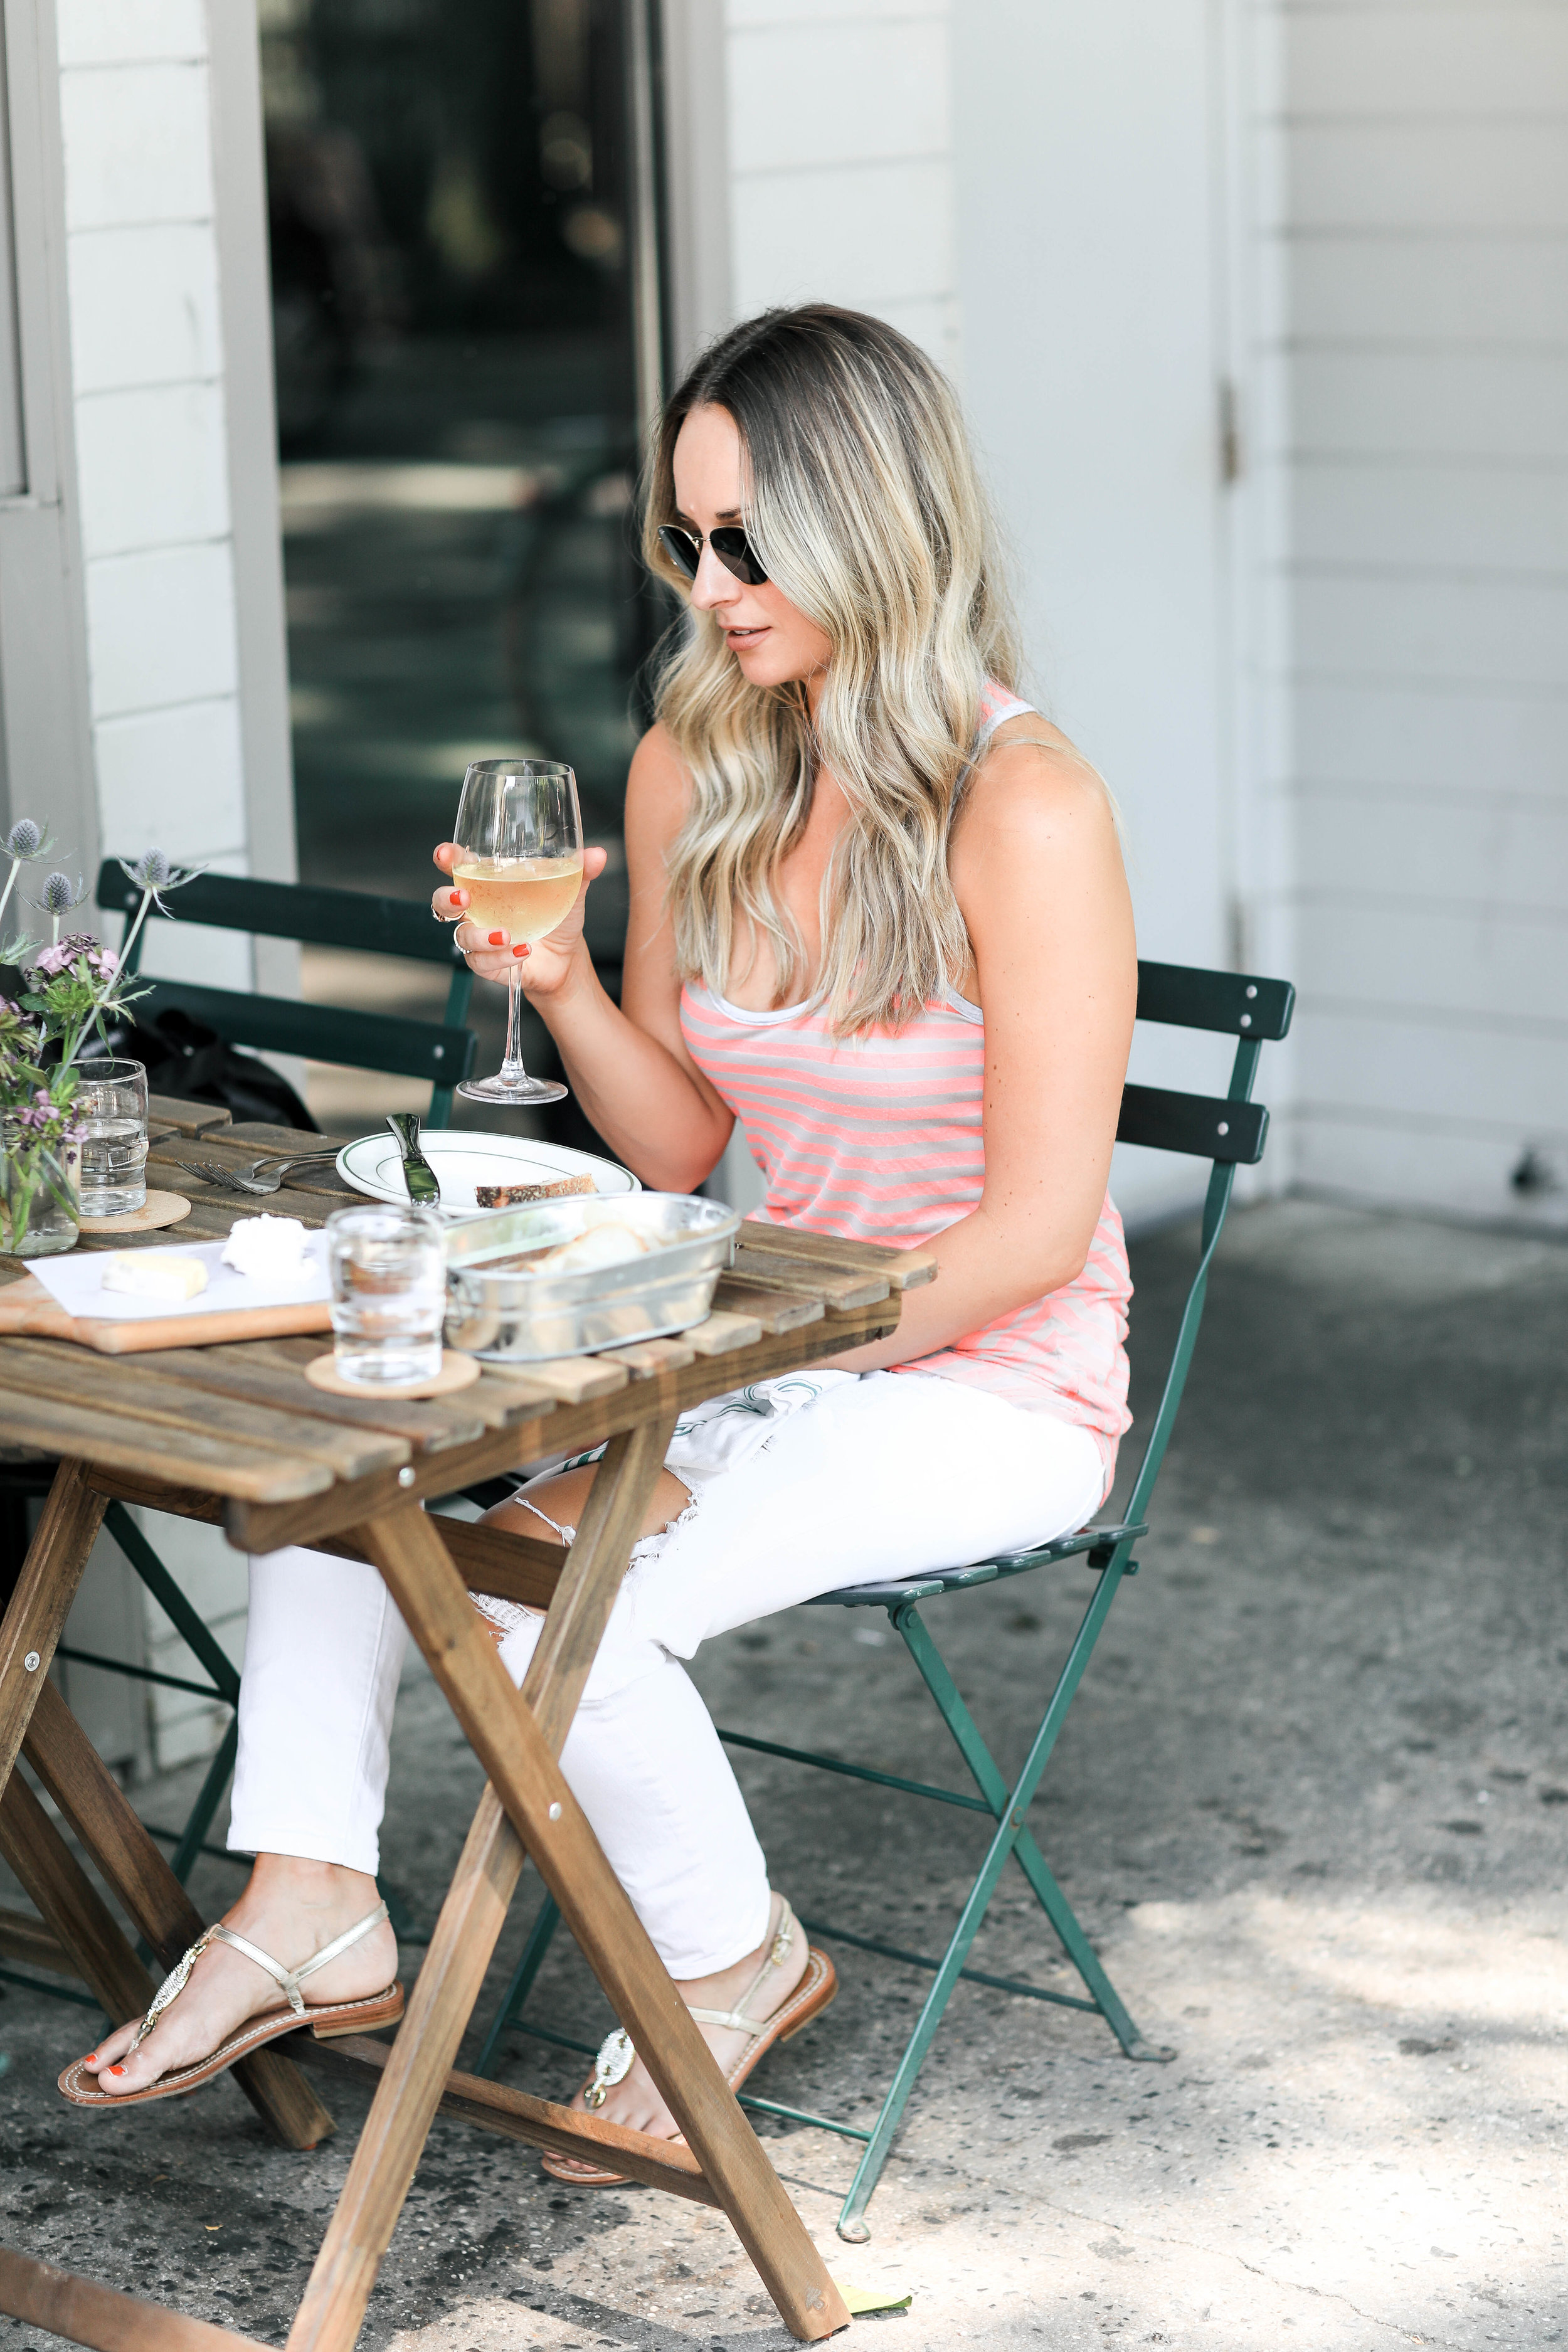 Terlano Pinot Bianco wine